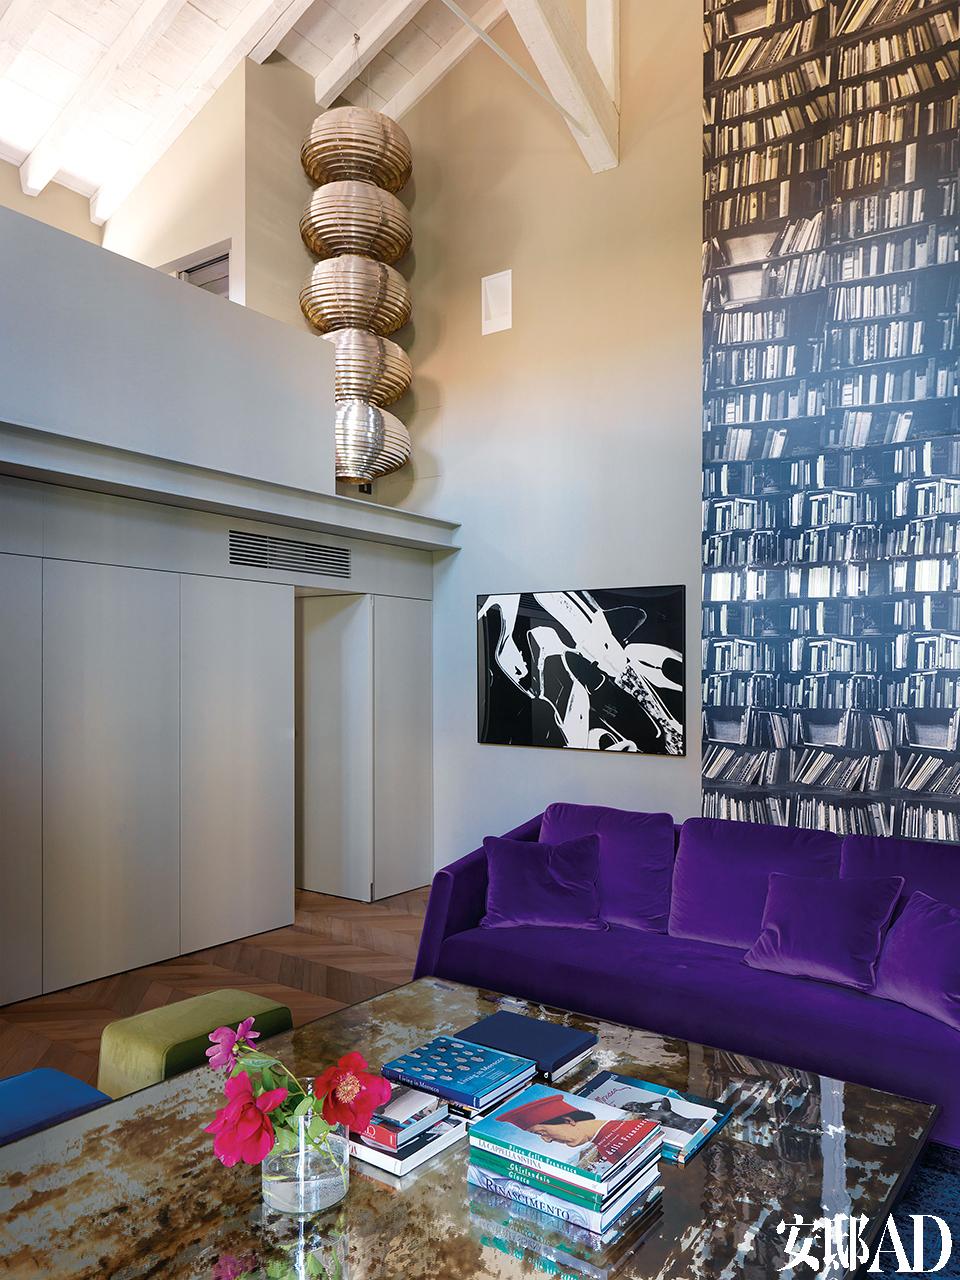 """彩色沙发及银色吊灯,打破了两层楼高黑白书架壁纸所带来的""""压抑""""。客厅中的宝石色天鹅绒沙发由Martina Gaslini为这个家量身打造,高处的银色雕塑一下子提亮了顶楼。"""